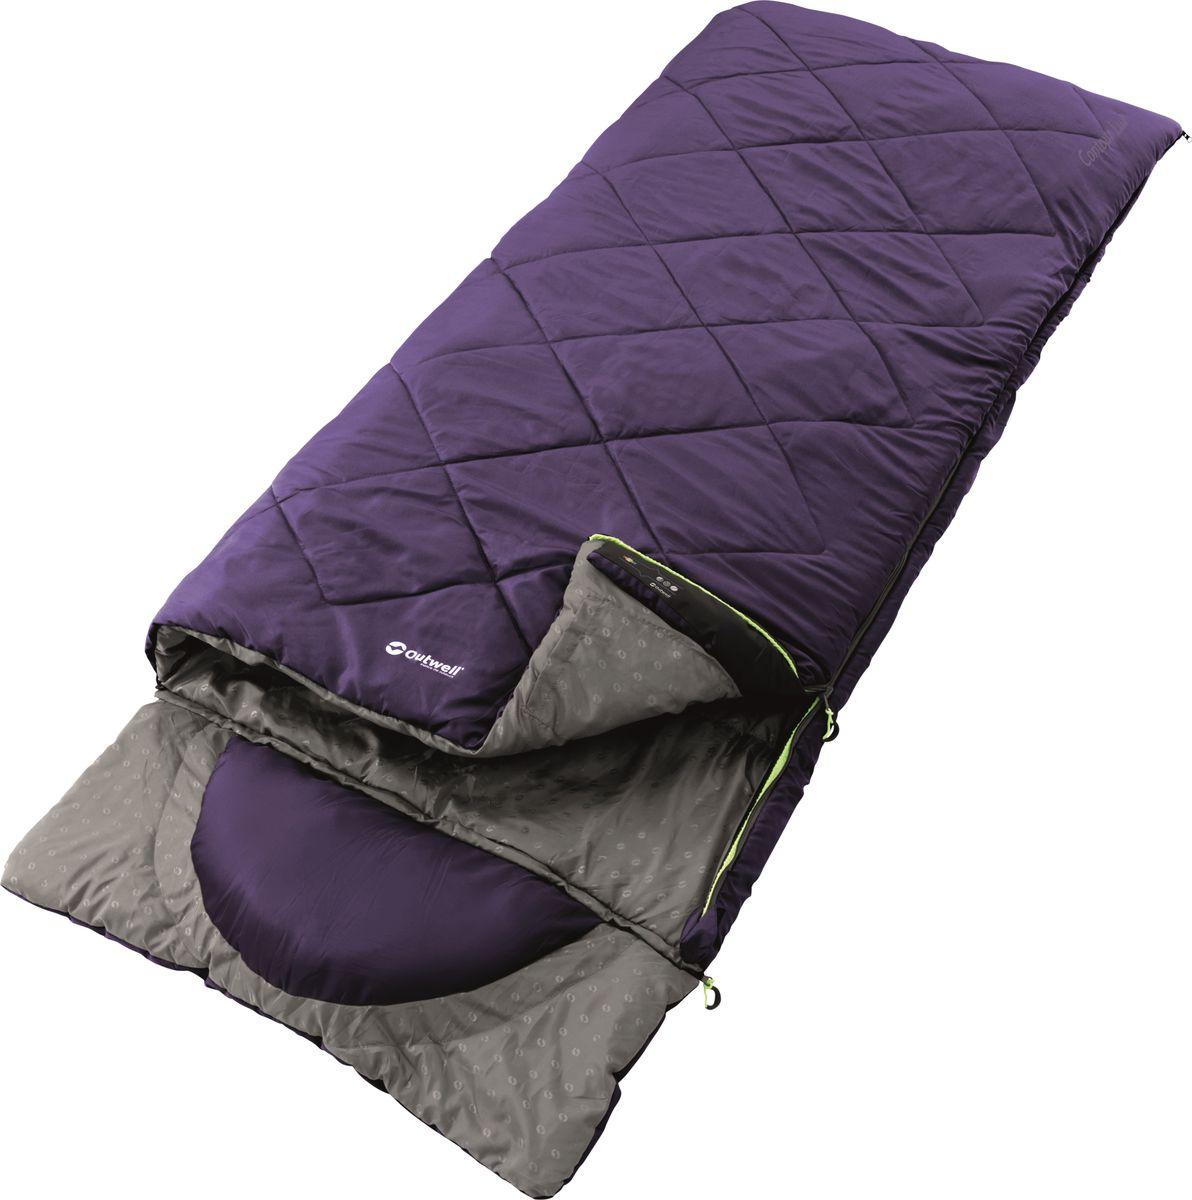 Спальный мешок Outwell  Contour Purple Lux , двусторонняя молния, цвет: фиолетовый, 225 x 90 см - Спальные мешки